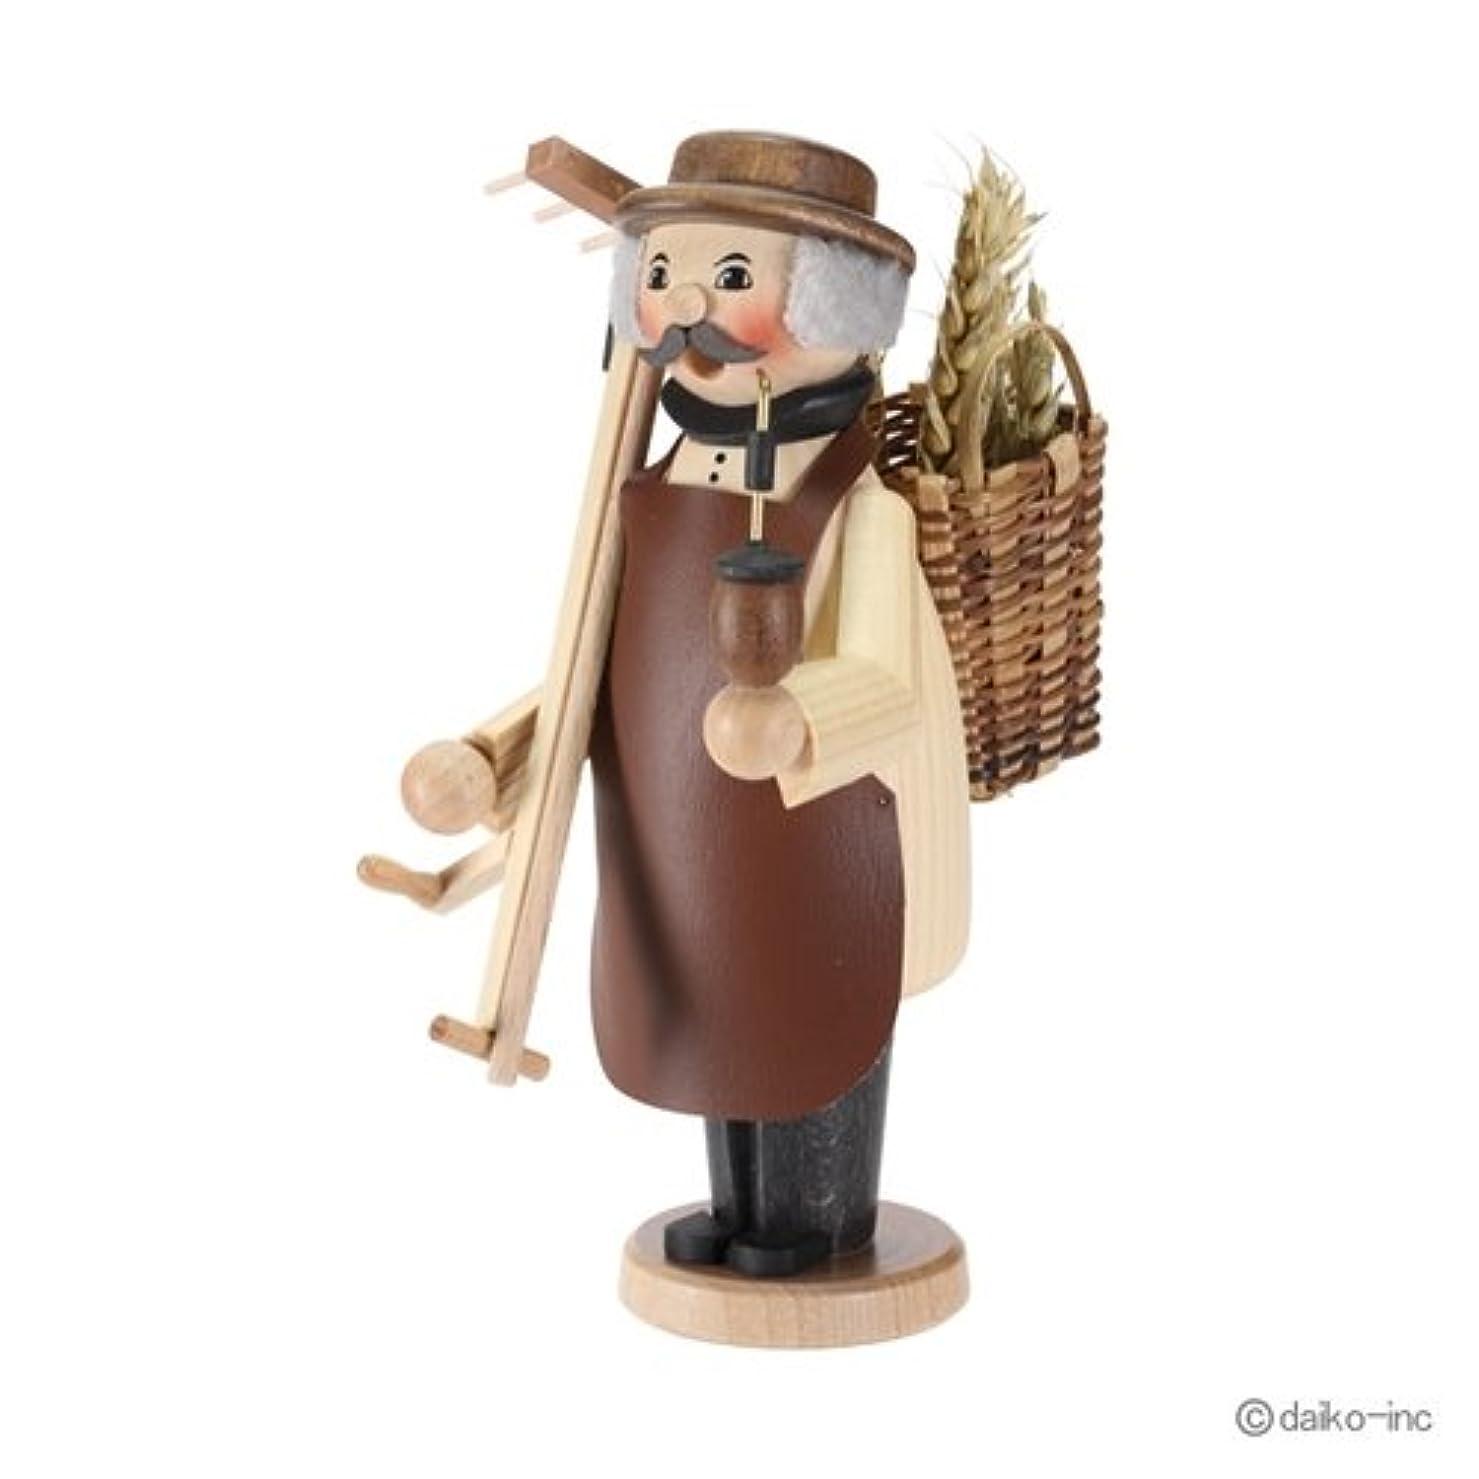 アテンダント白菜省略するクーネルト kuhnert ミニパイプ人形香炉 農夫